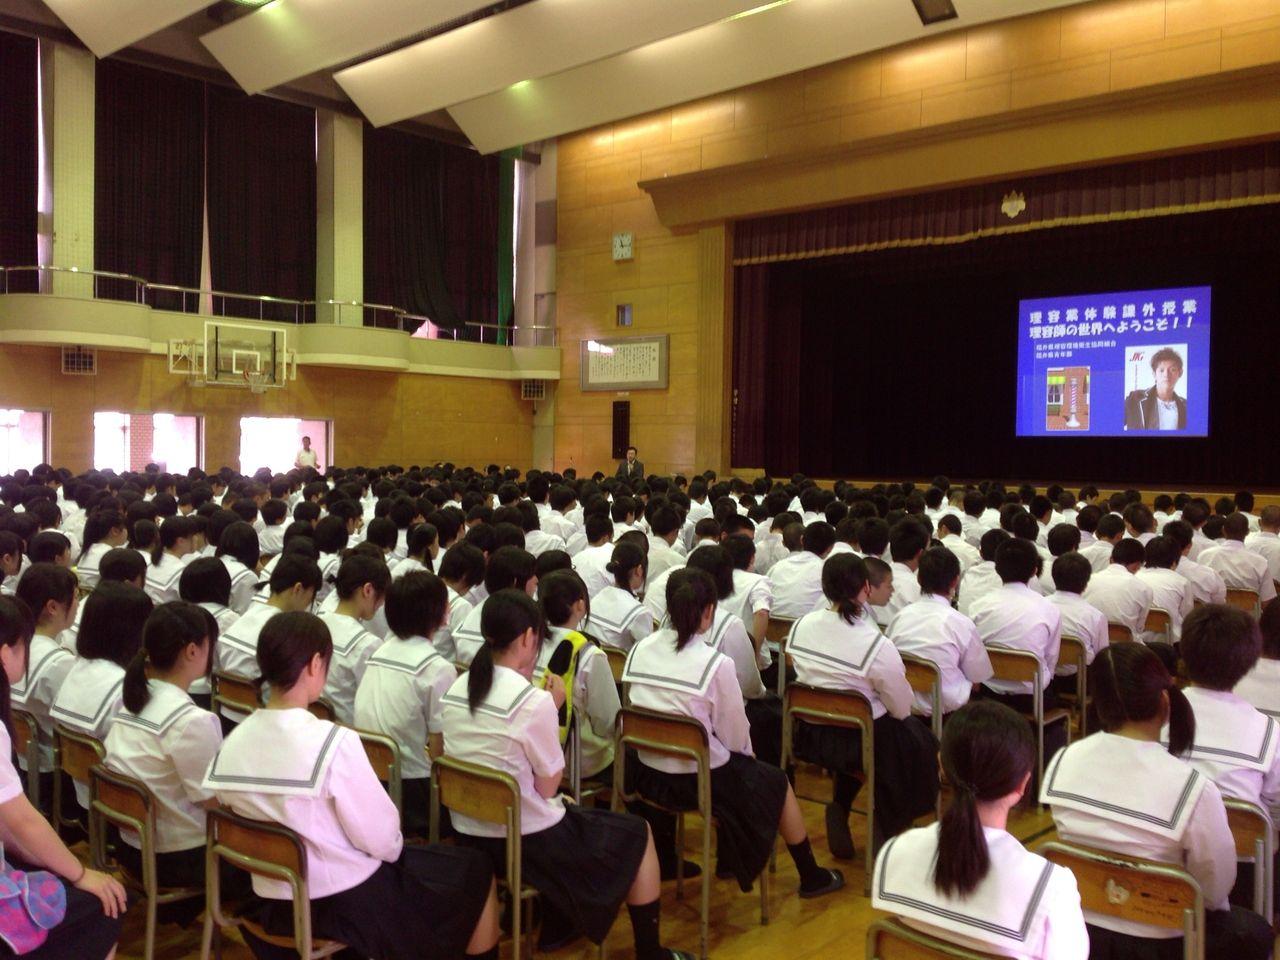 福井県理容組合青年部